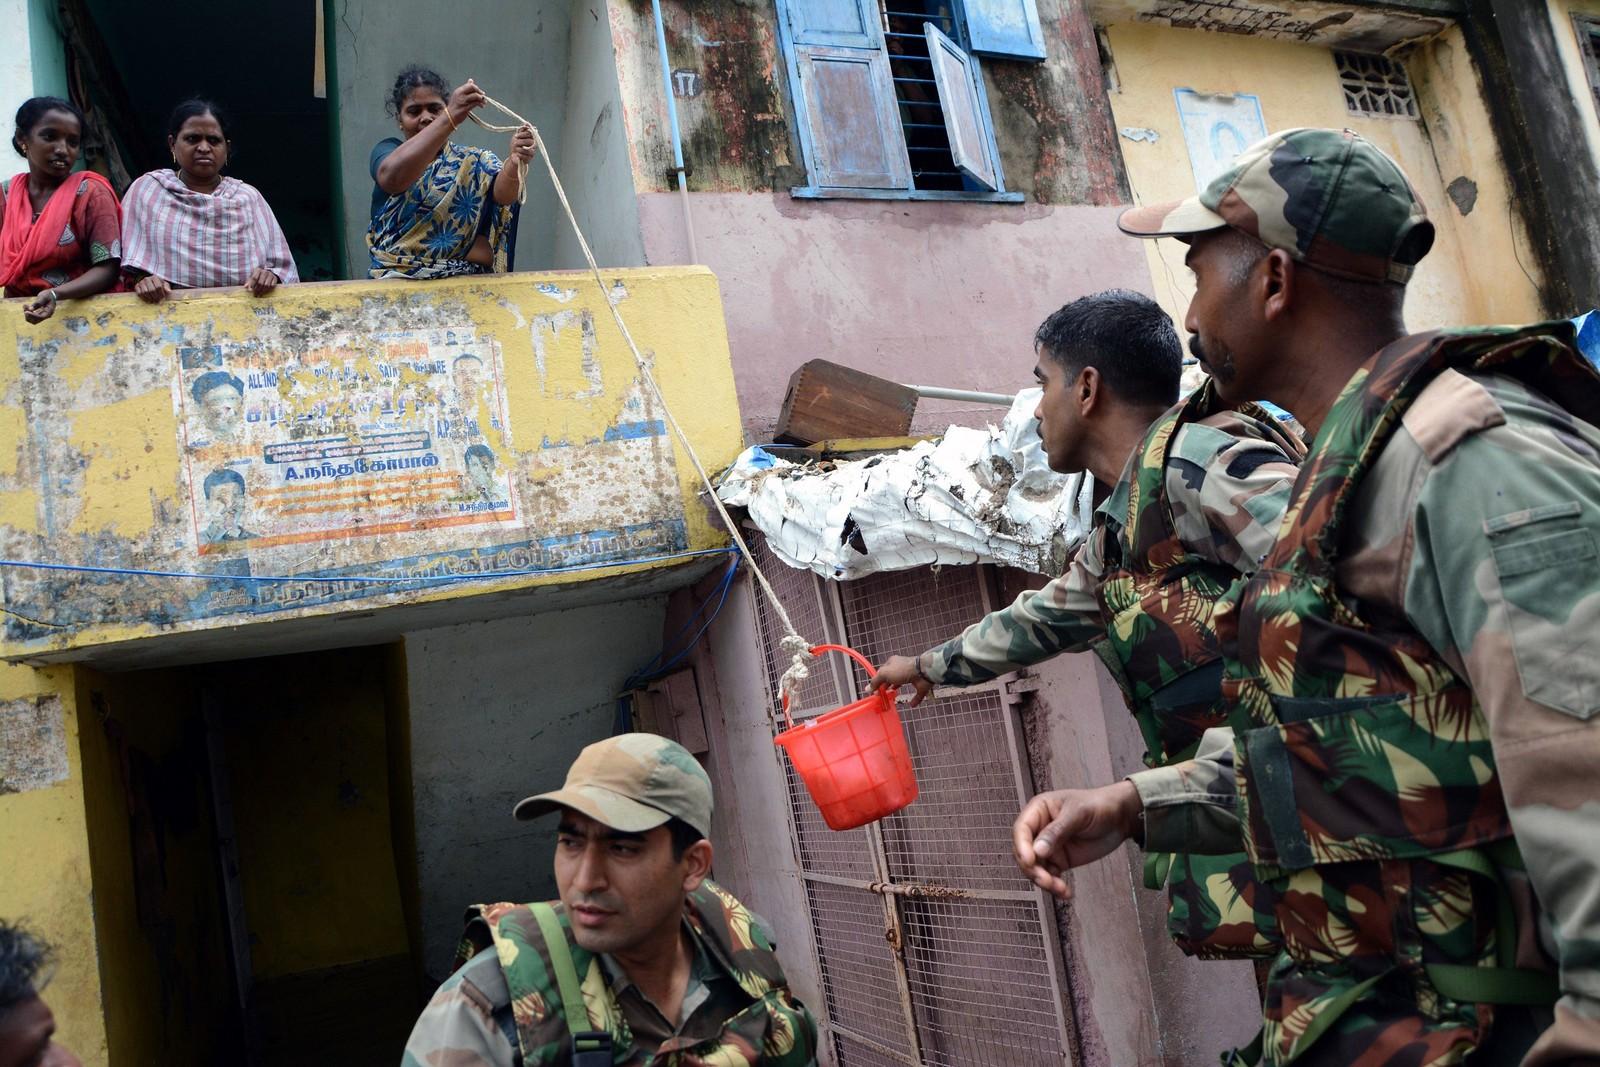 Den indiske hæren leverer forsyninger til beboere som er fanget i blokken sin. Dette er det kraftigste regnfallet på hundre år i delstaten Tamil Nadu i India.